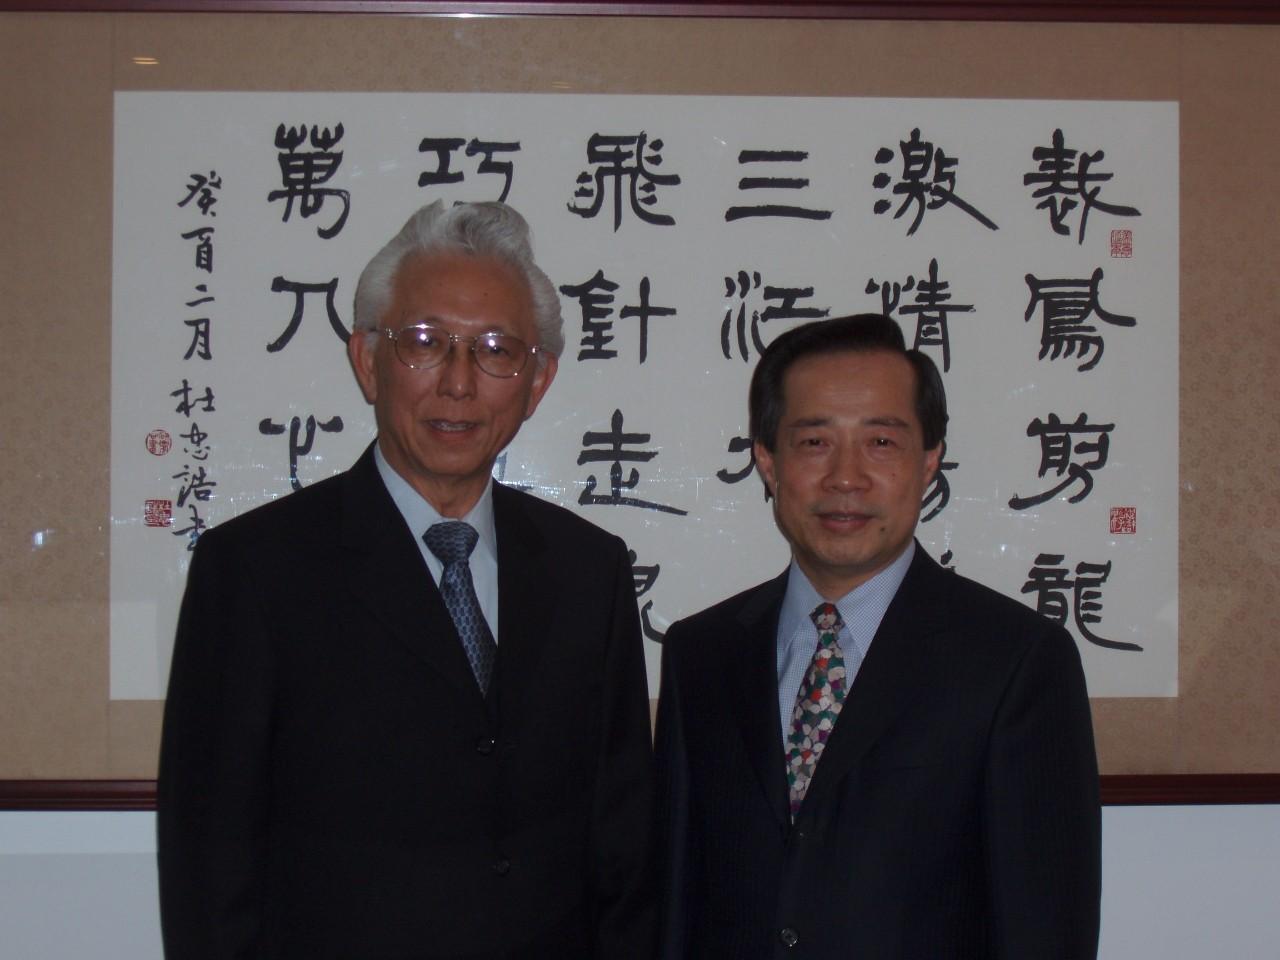 劉寬平先生